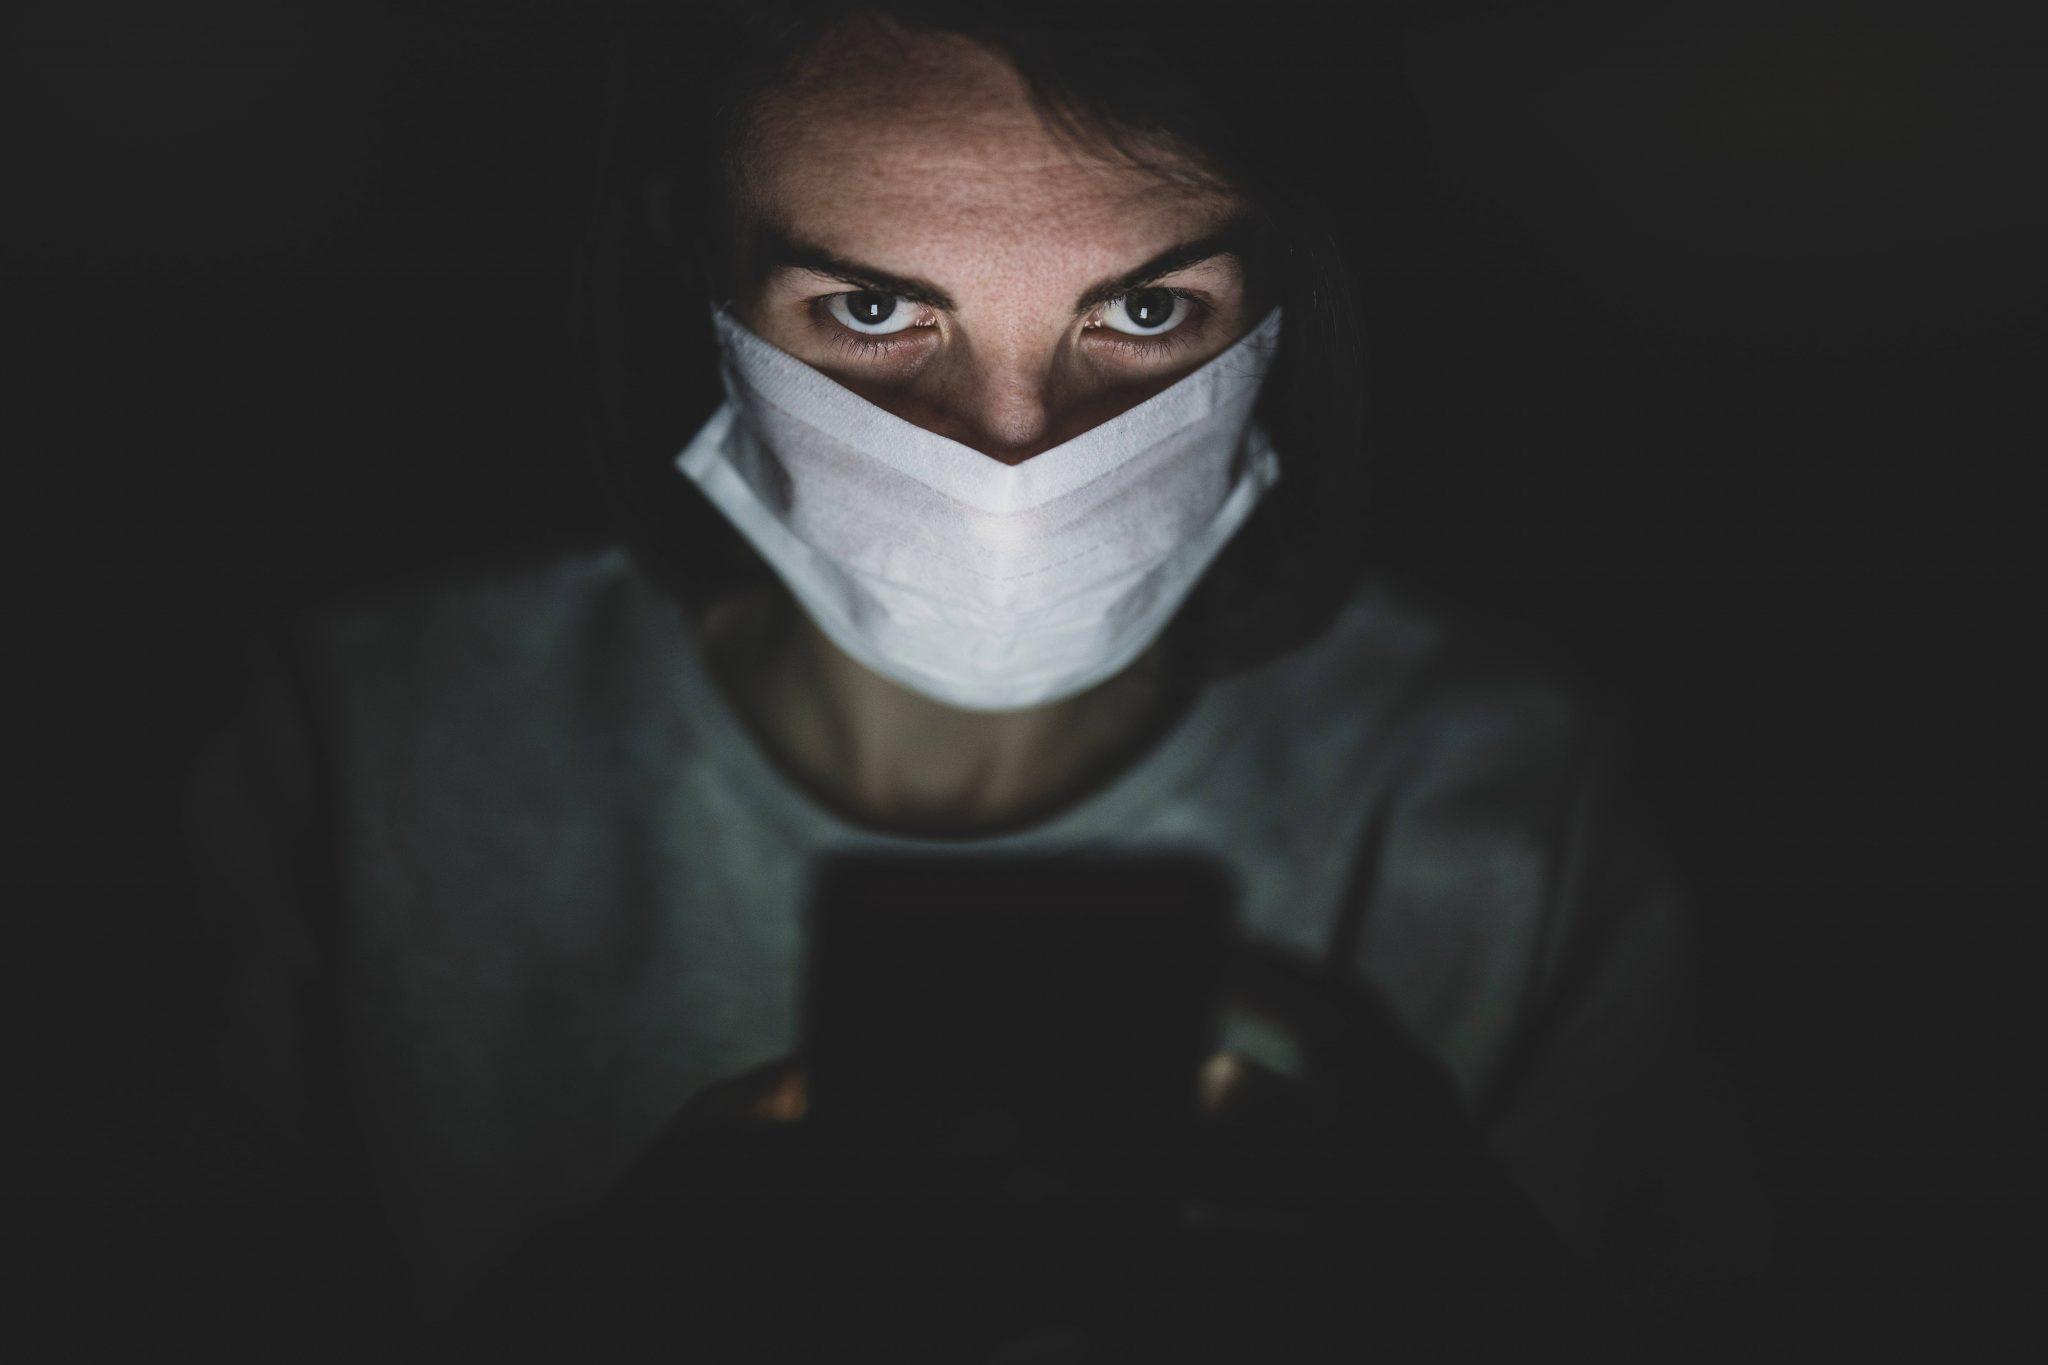 L'assicurazione non perdona: l'etica medica alle prese con la performance